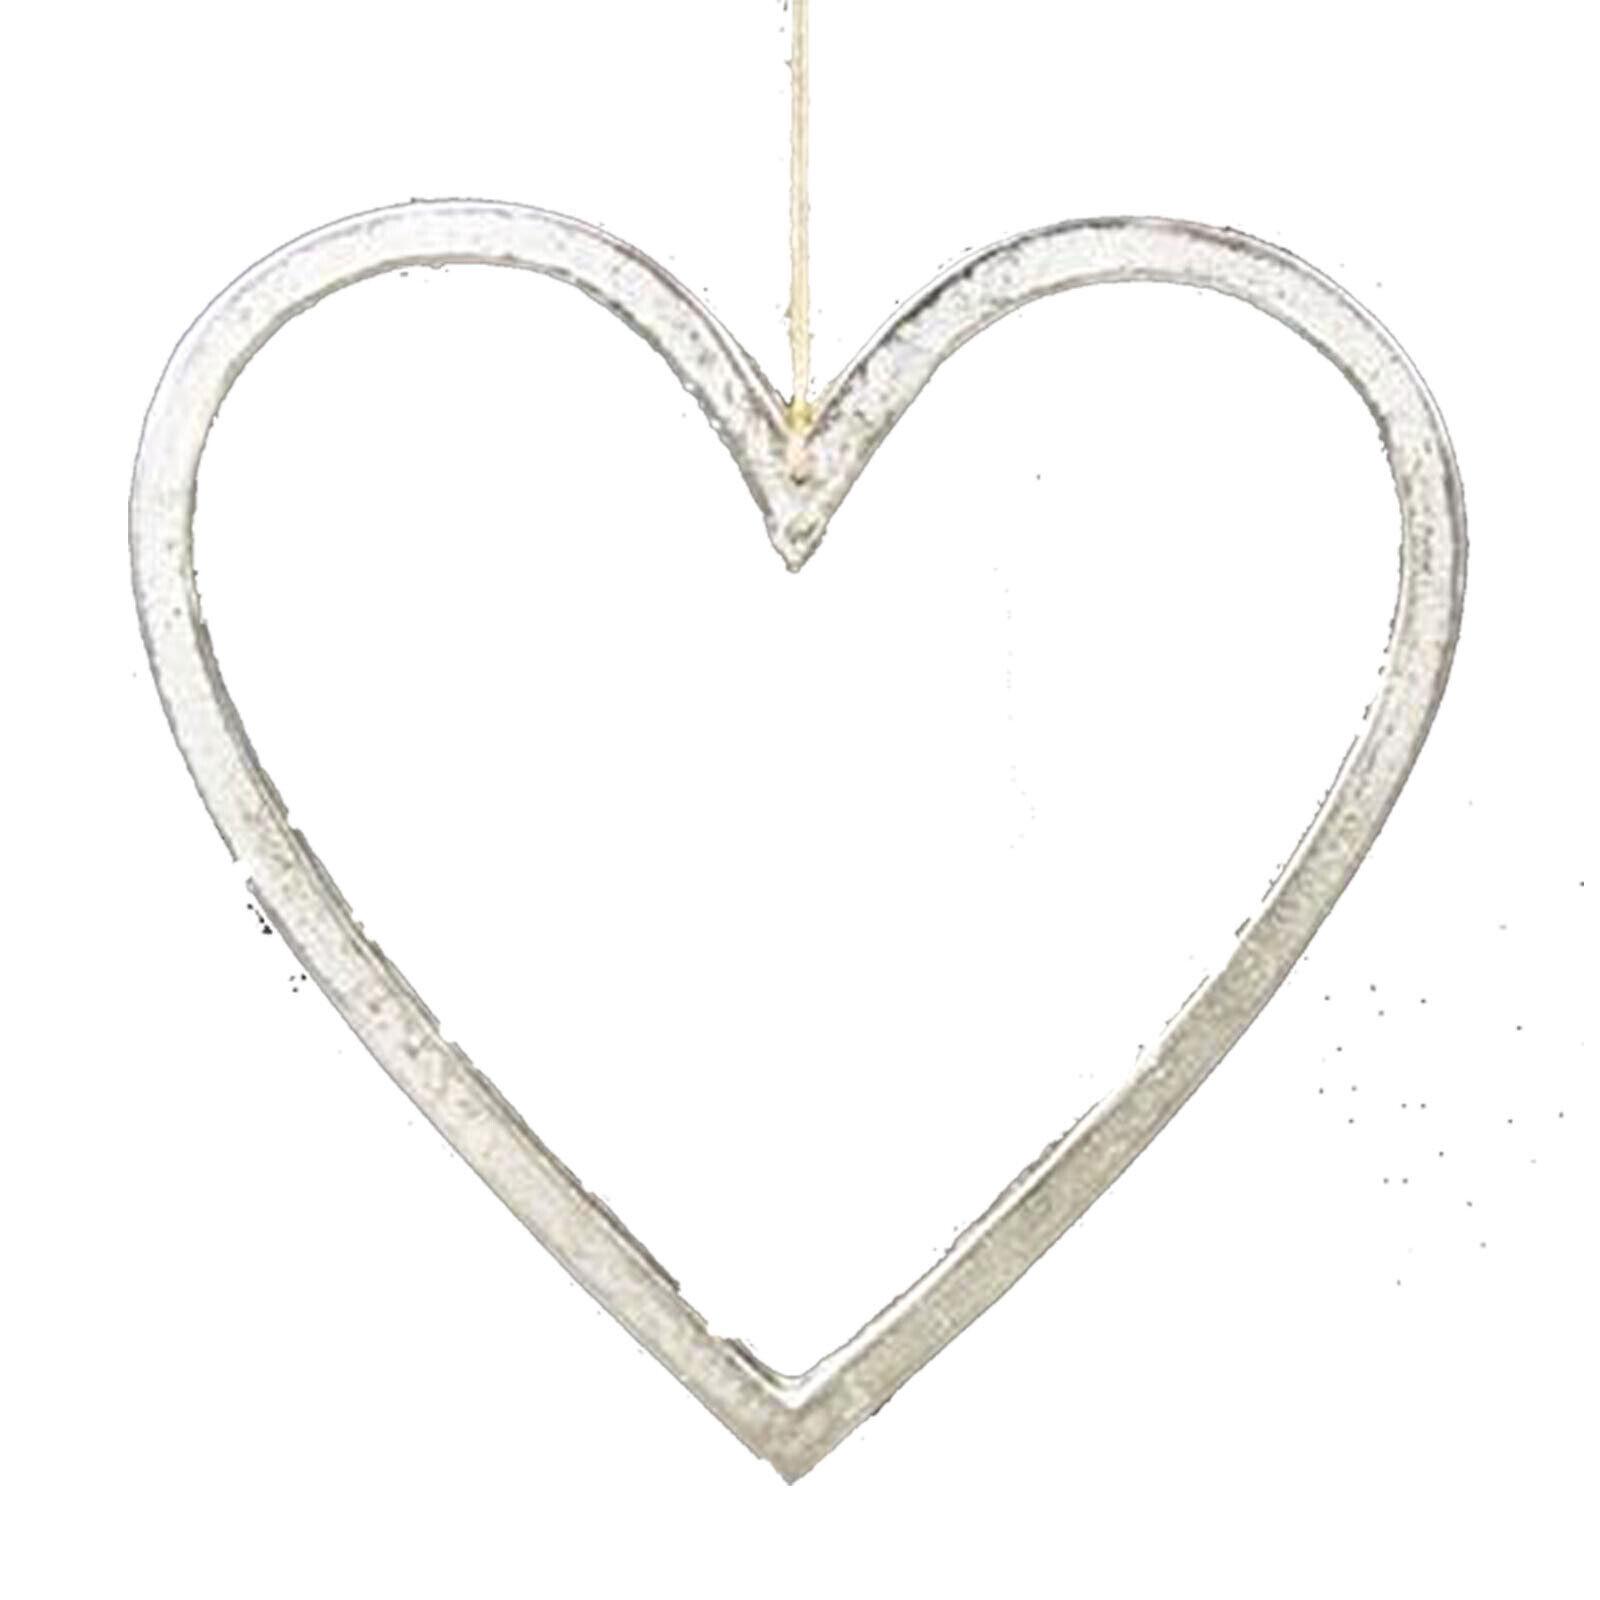 20cm Gran ornamento decorativo de metal en forma de corazón de Bahne homeart